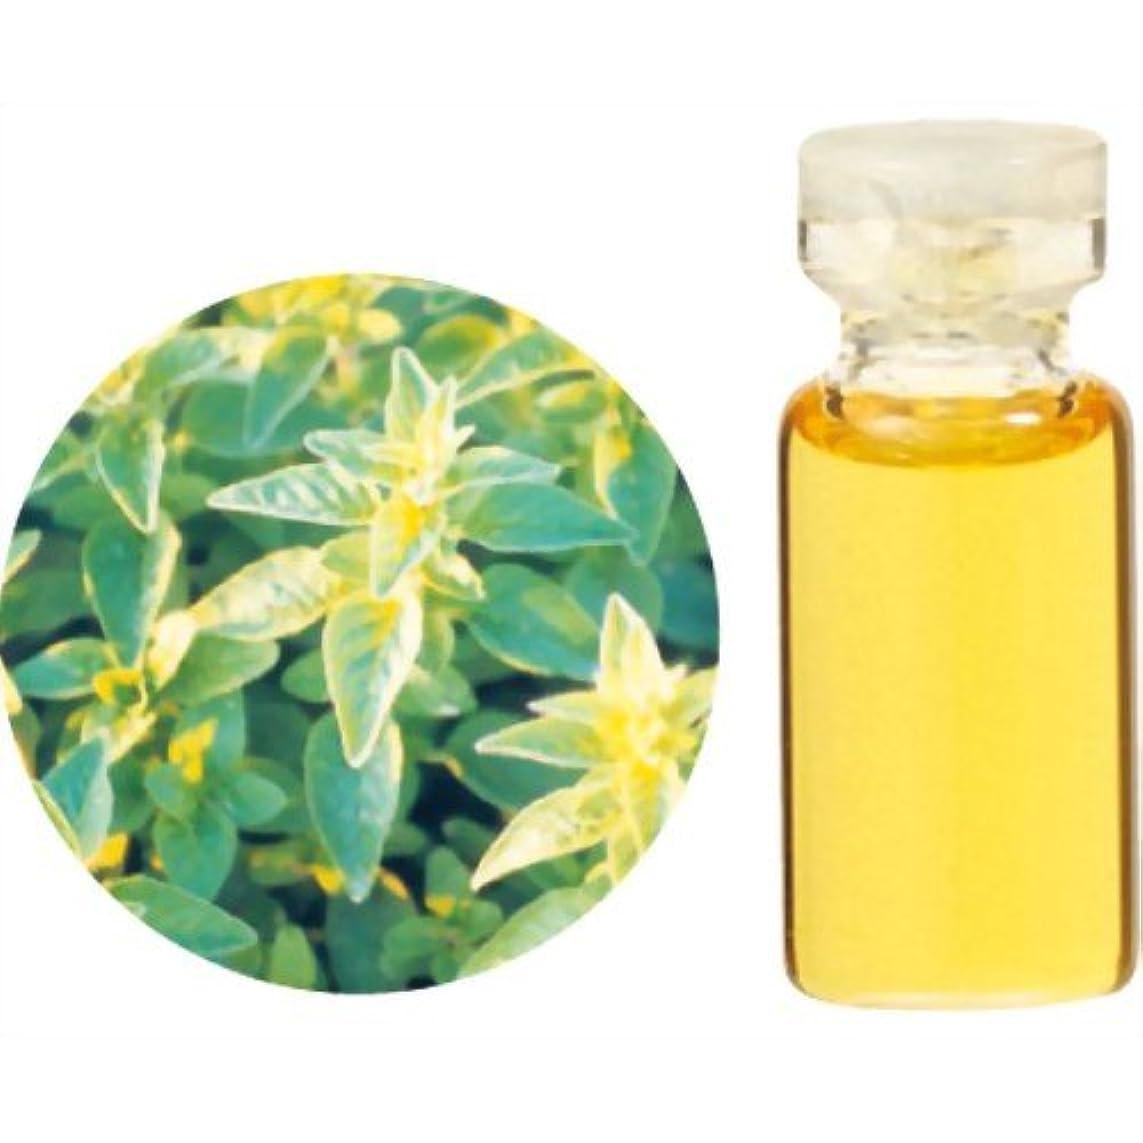 パッケージ不調和着替える生活の木 Herbal Life レアバリューオイル メリッサ 1ml